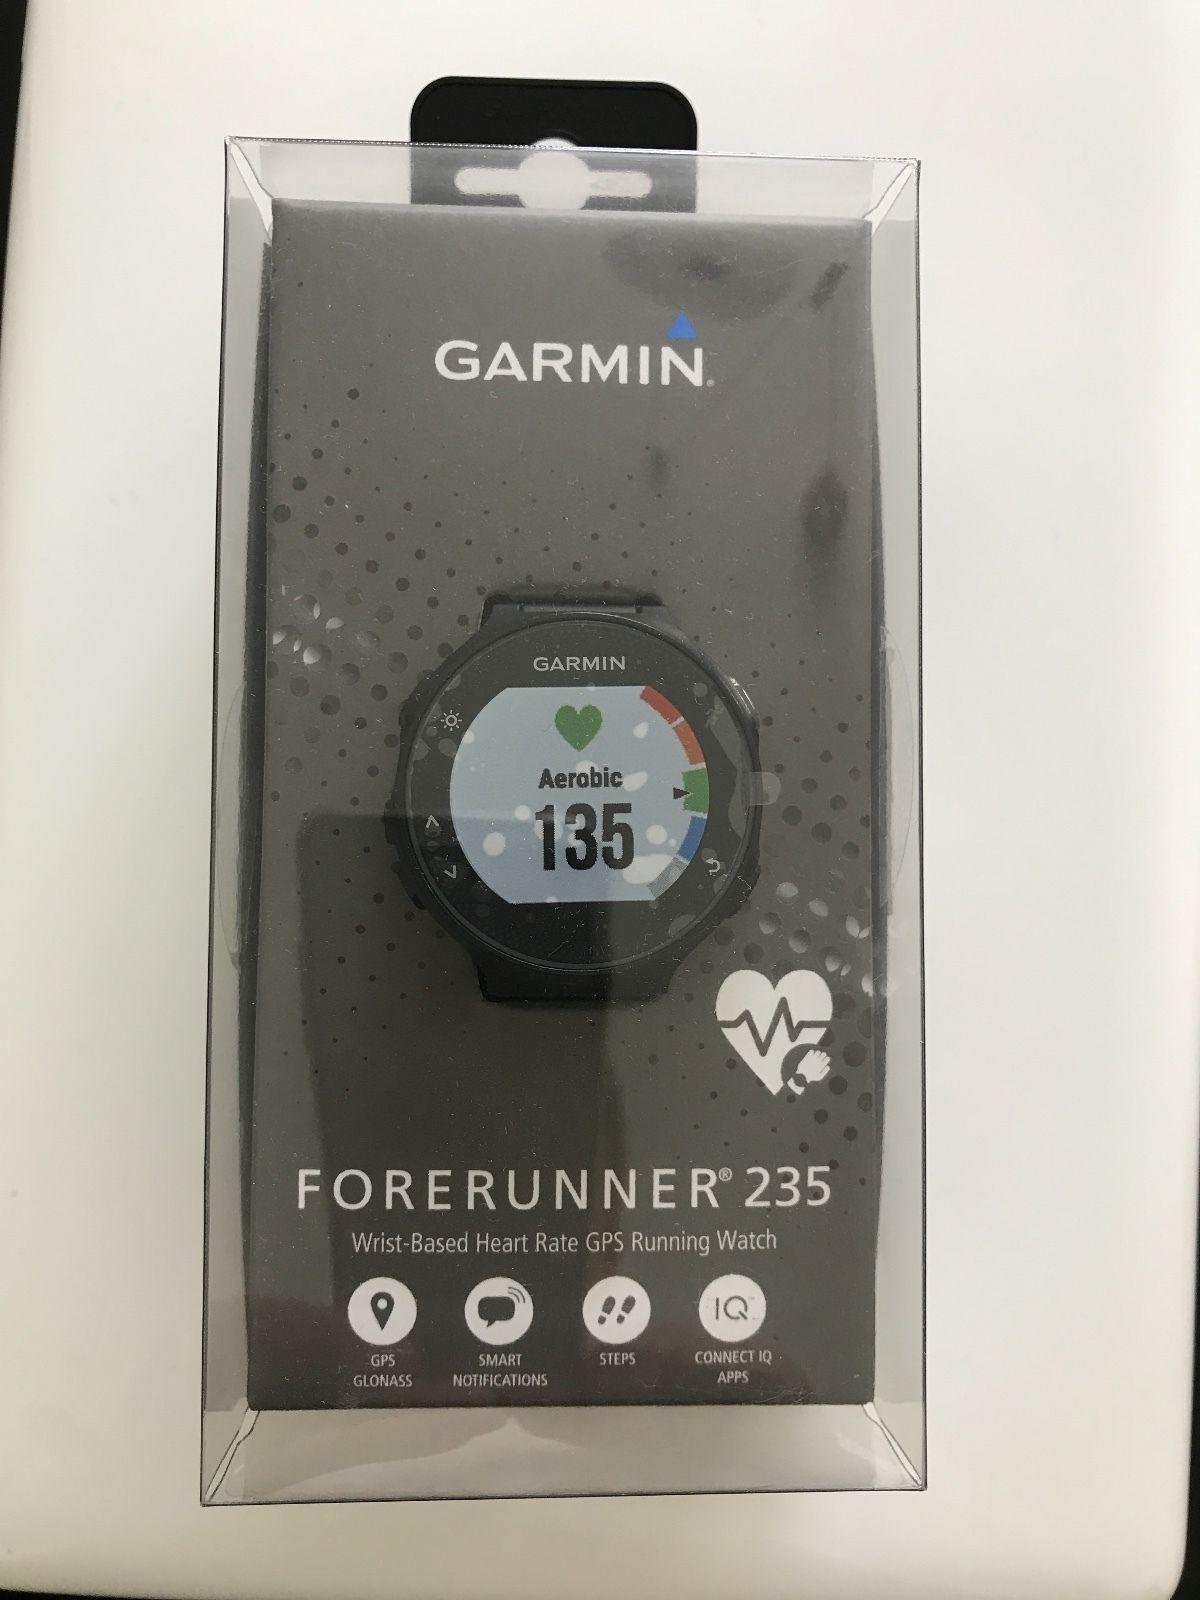 Garmin Forerunner 235 GPS Lauf Uhr neuwertig OVP, Herstellergarantie